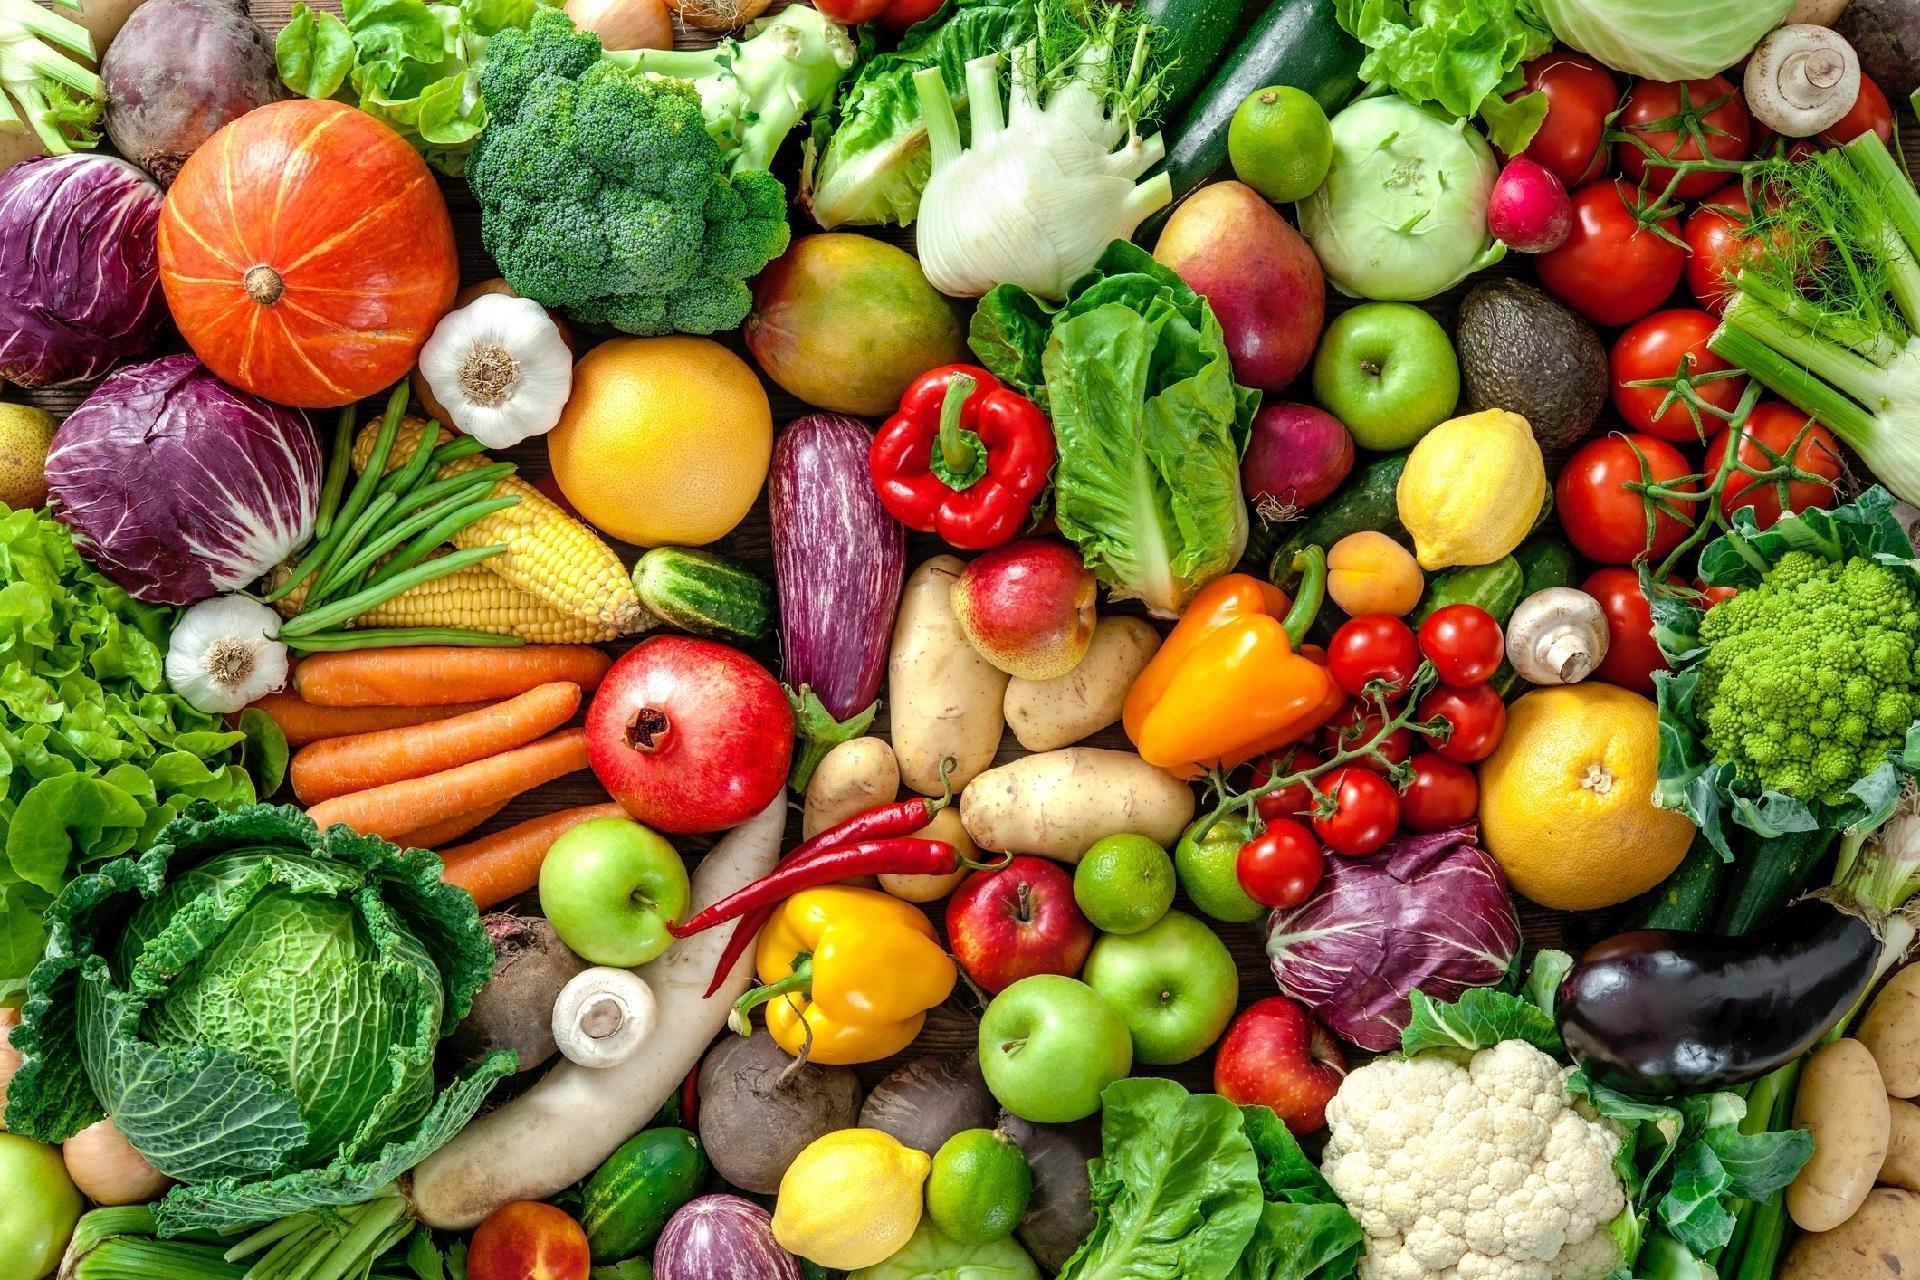 Quer mudar seus hábitos  Veja 10 passos para uma alimentação saudável -  12 11 2017 - UOL VivaBem 58dd9a340546b